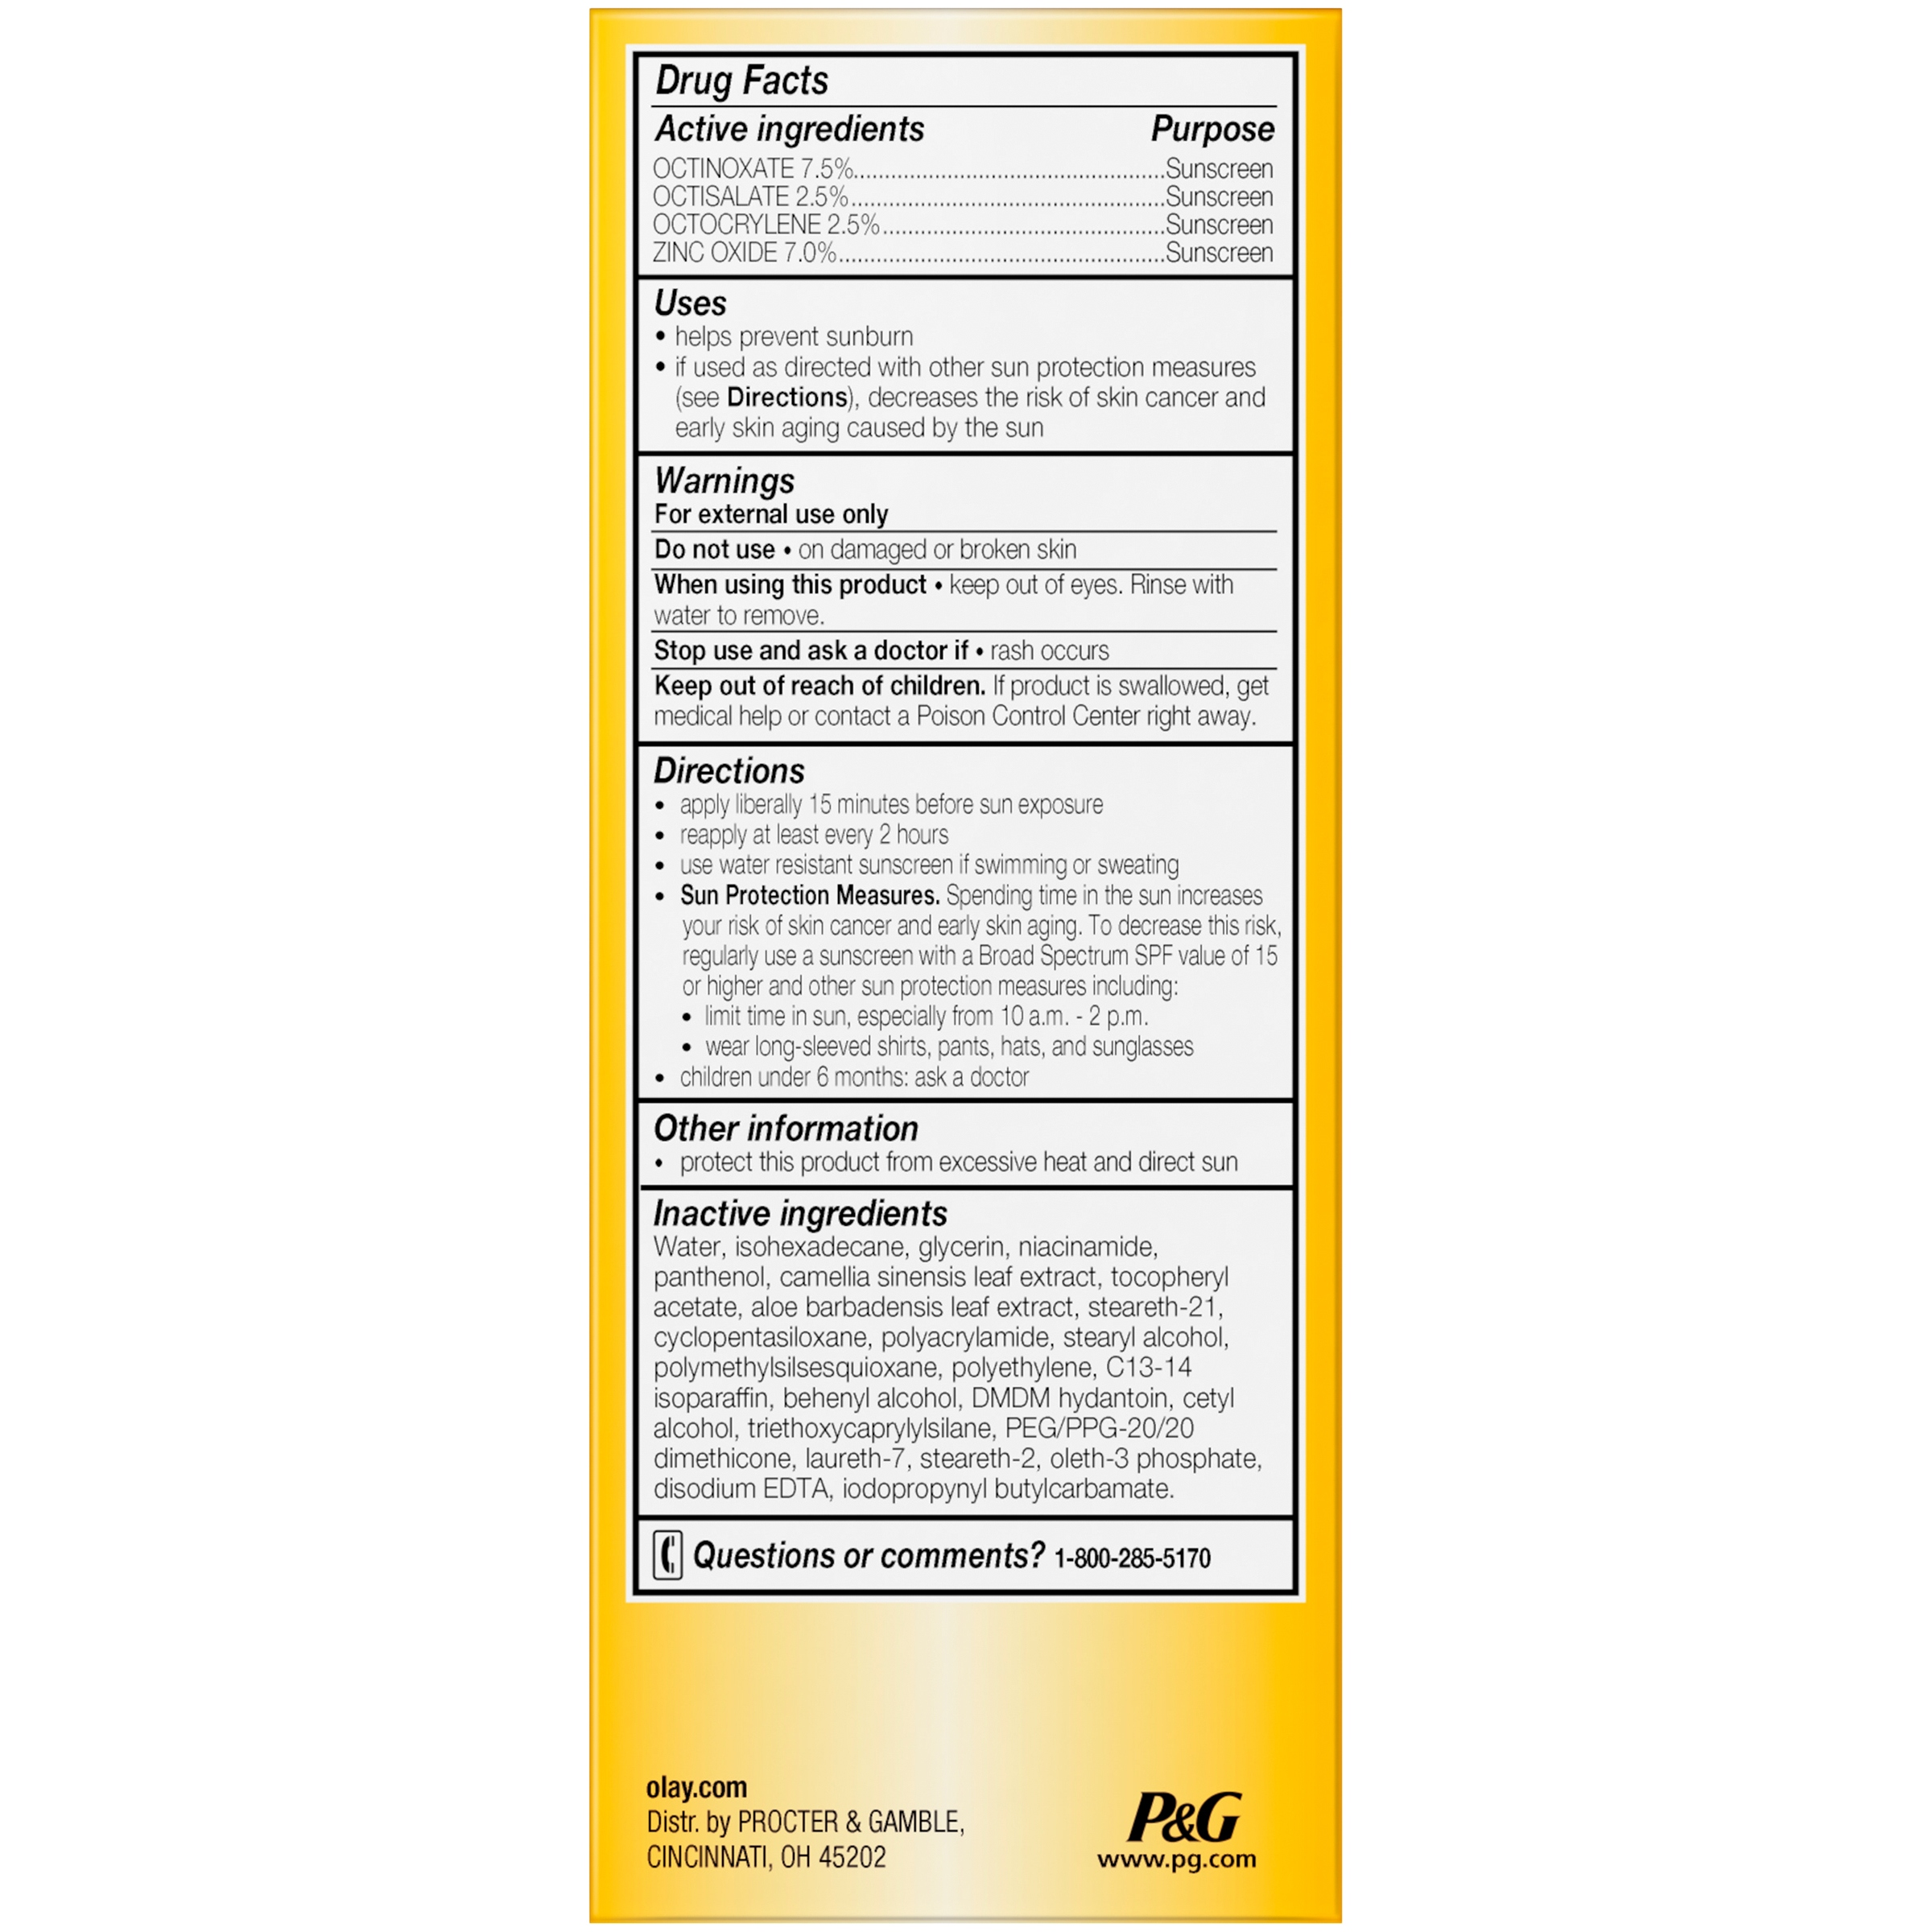 Telkomsel Kartu As Nomor Cantik 082311199944 Spec Dan Daftar Harga Sunlight Refill 800 Ml Anti Bakteri New Page 3 Update Terbaru Indonesia